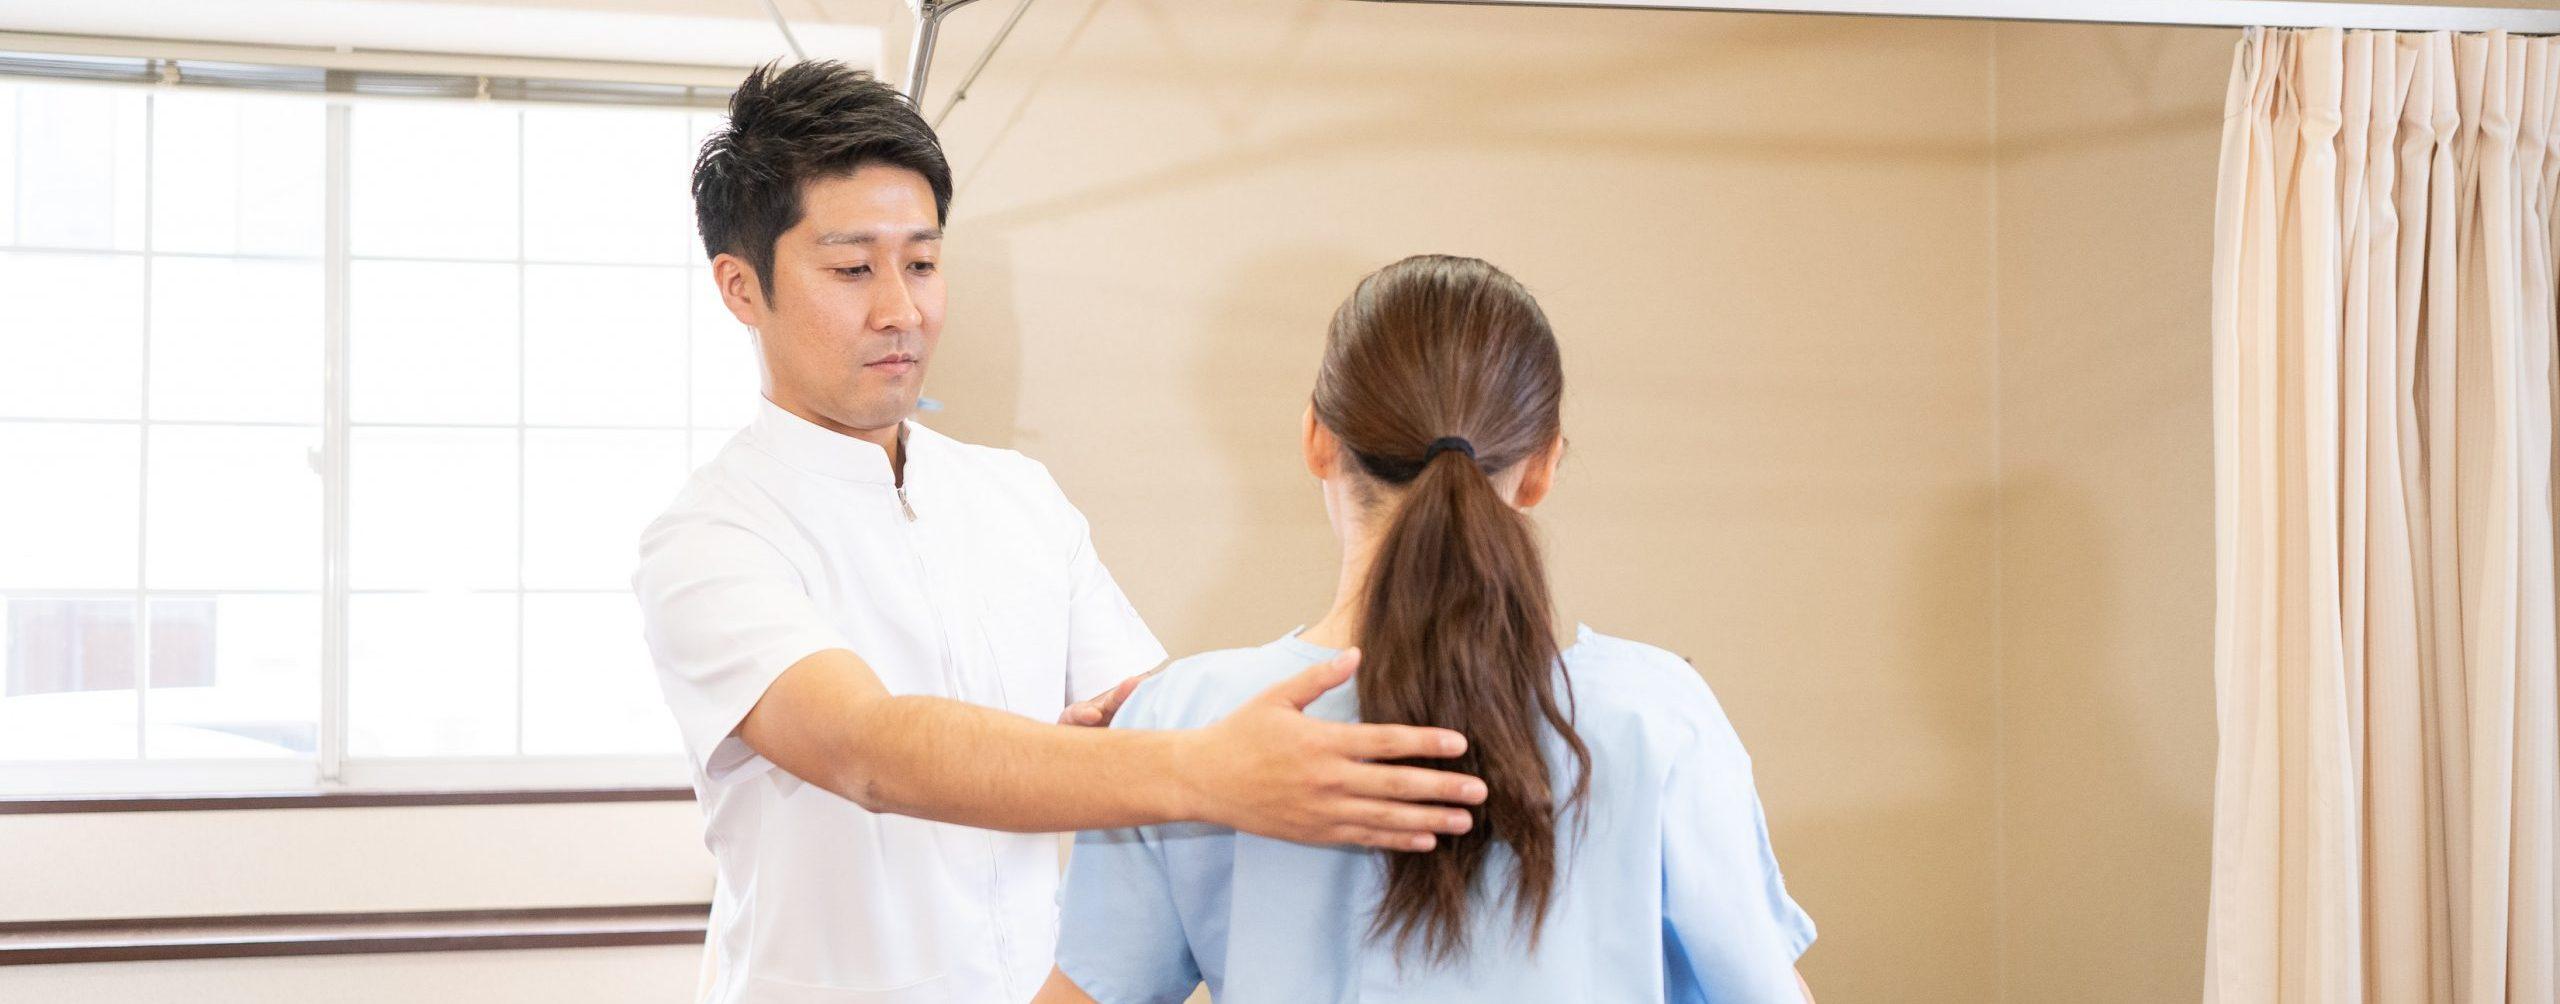 肩こり・肩の痛み|名取市の鍼灸院